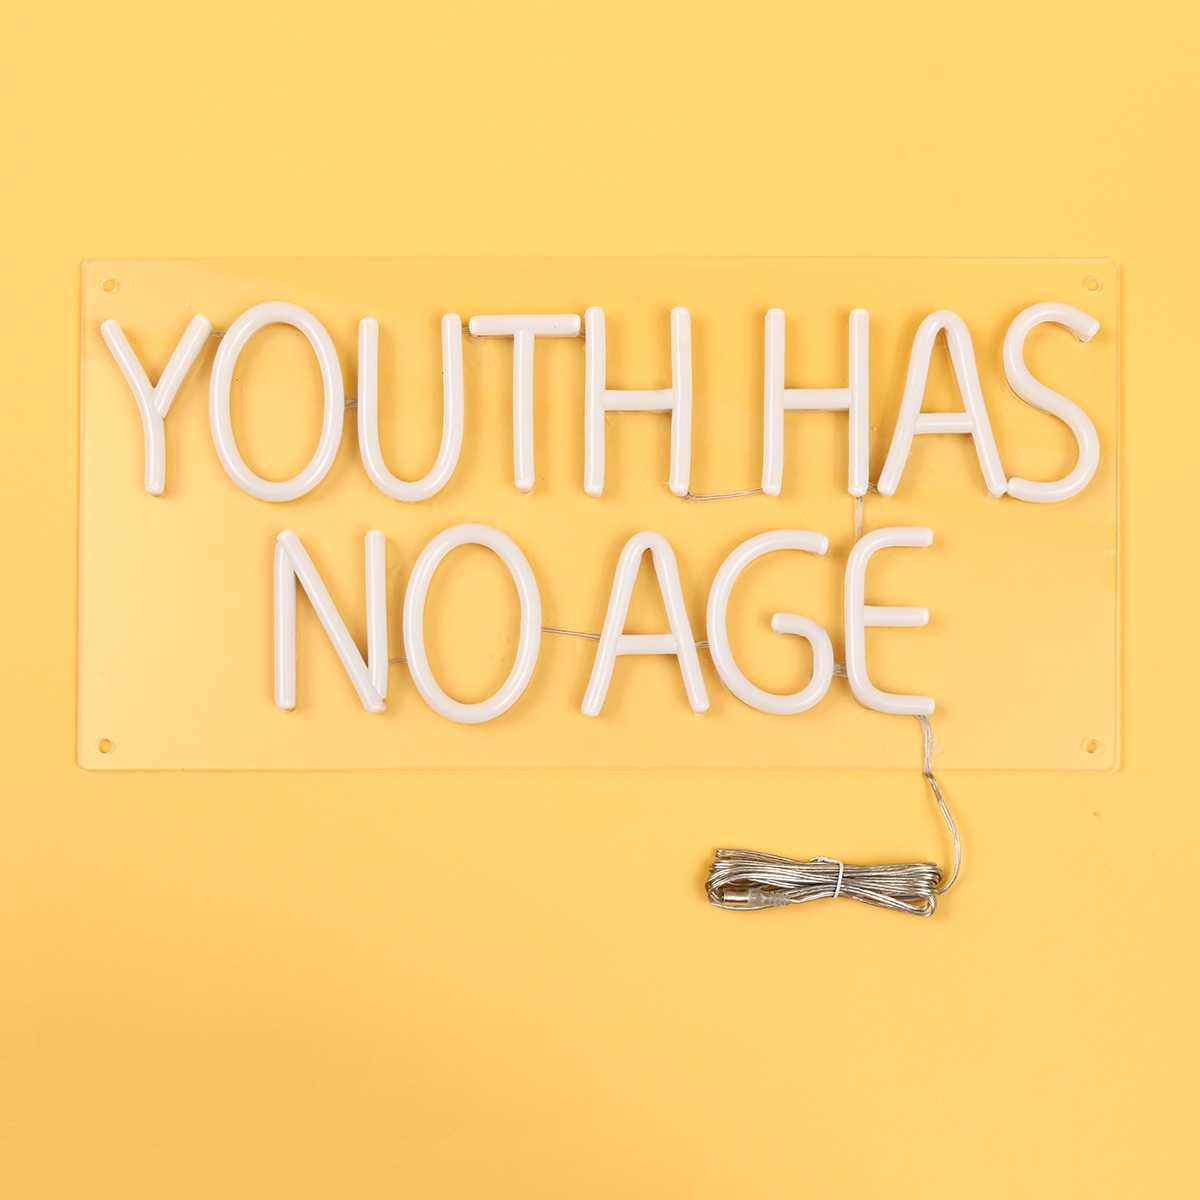 Enseigne au néon lampe tube LED 100-240 V illustration visuelle Bar Pub Club décoration murale panneau lumineux maison bureau décoration jeunesse n'a pas d'âge